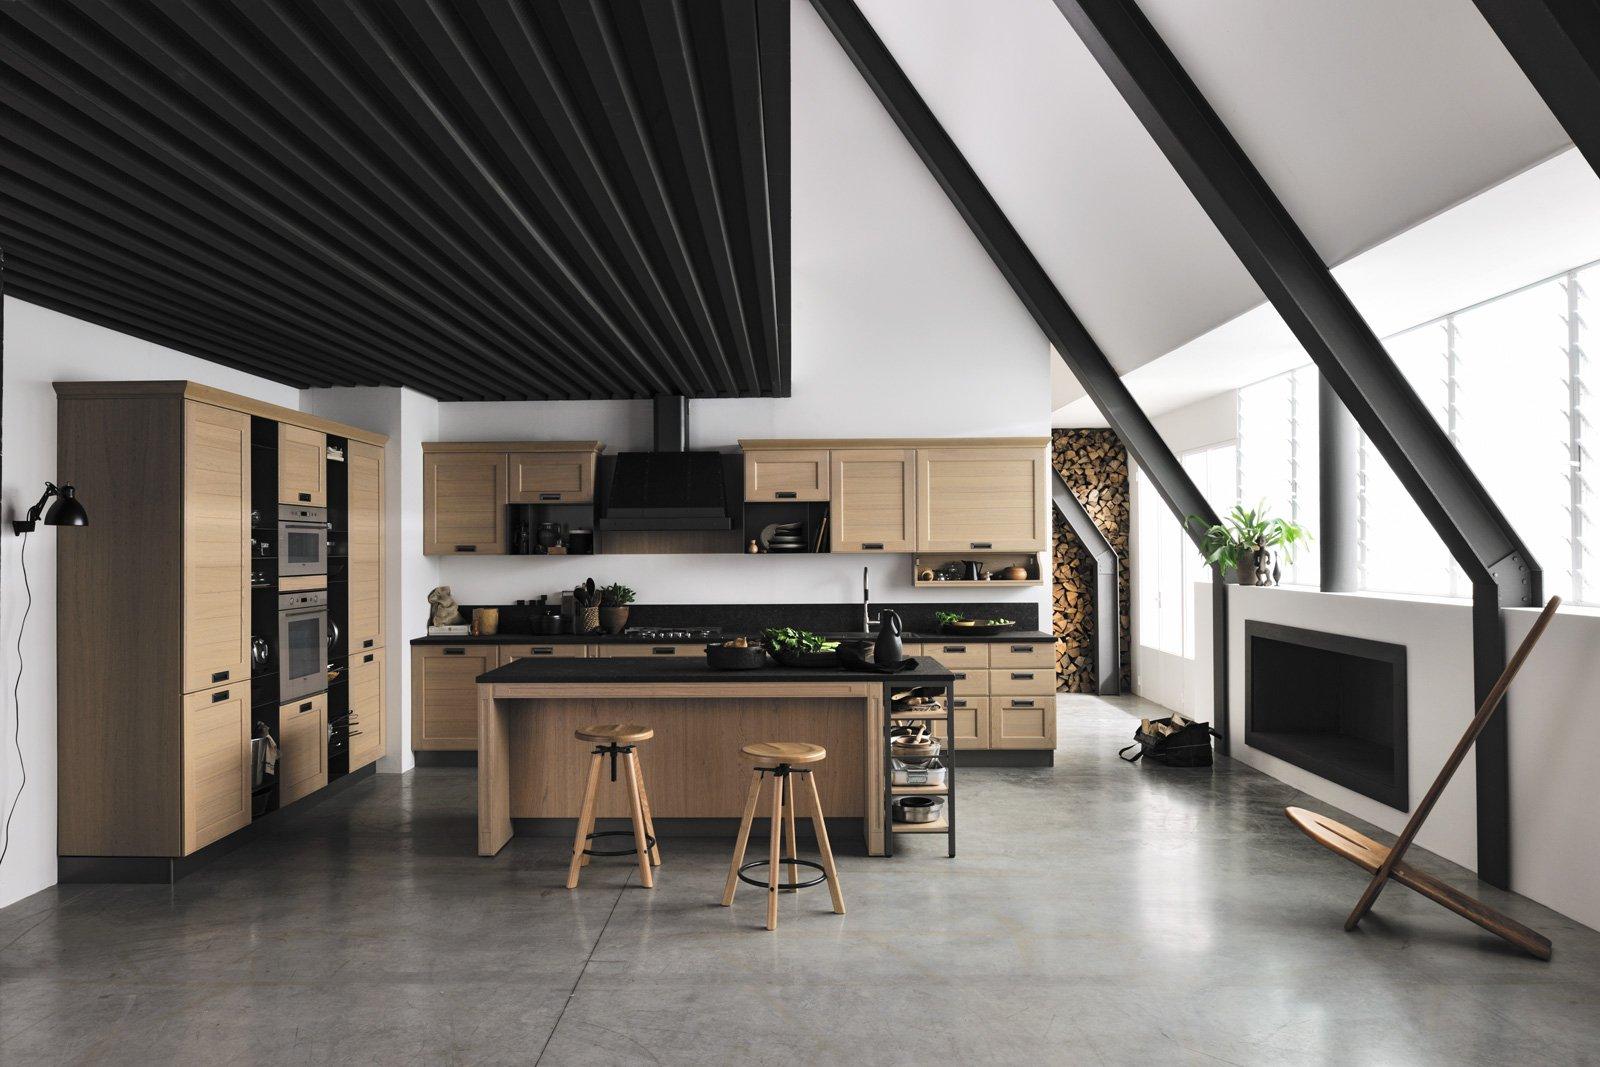 Cucine in legno tradizionali country o moderne cose di casa - Cucine legno e acciaio ...